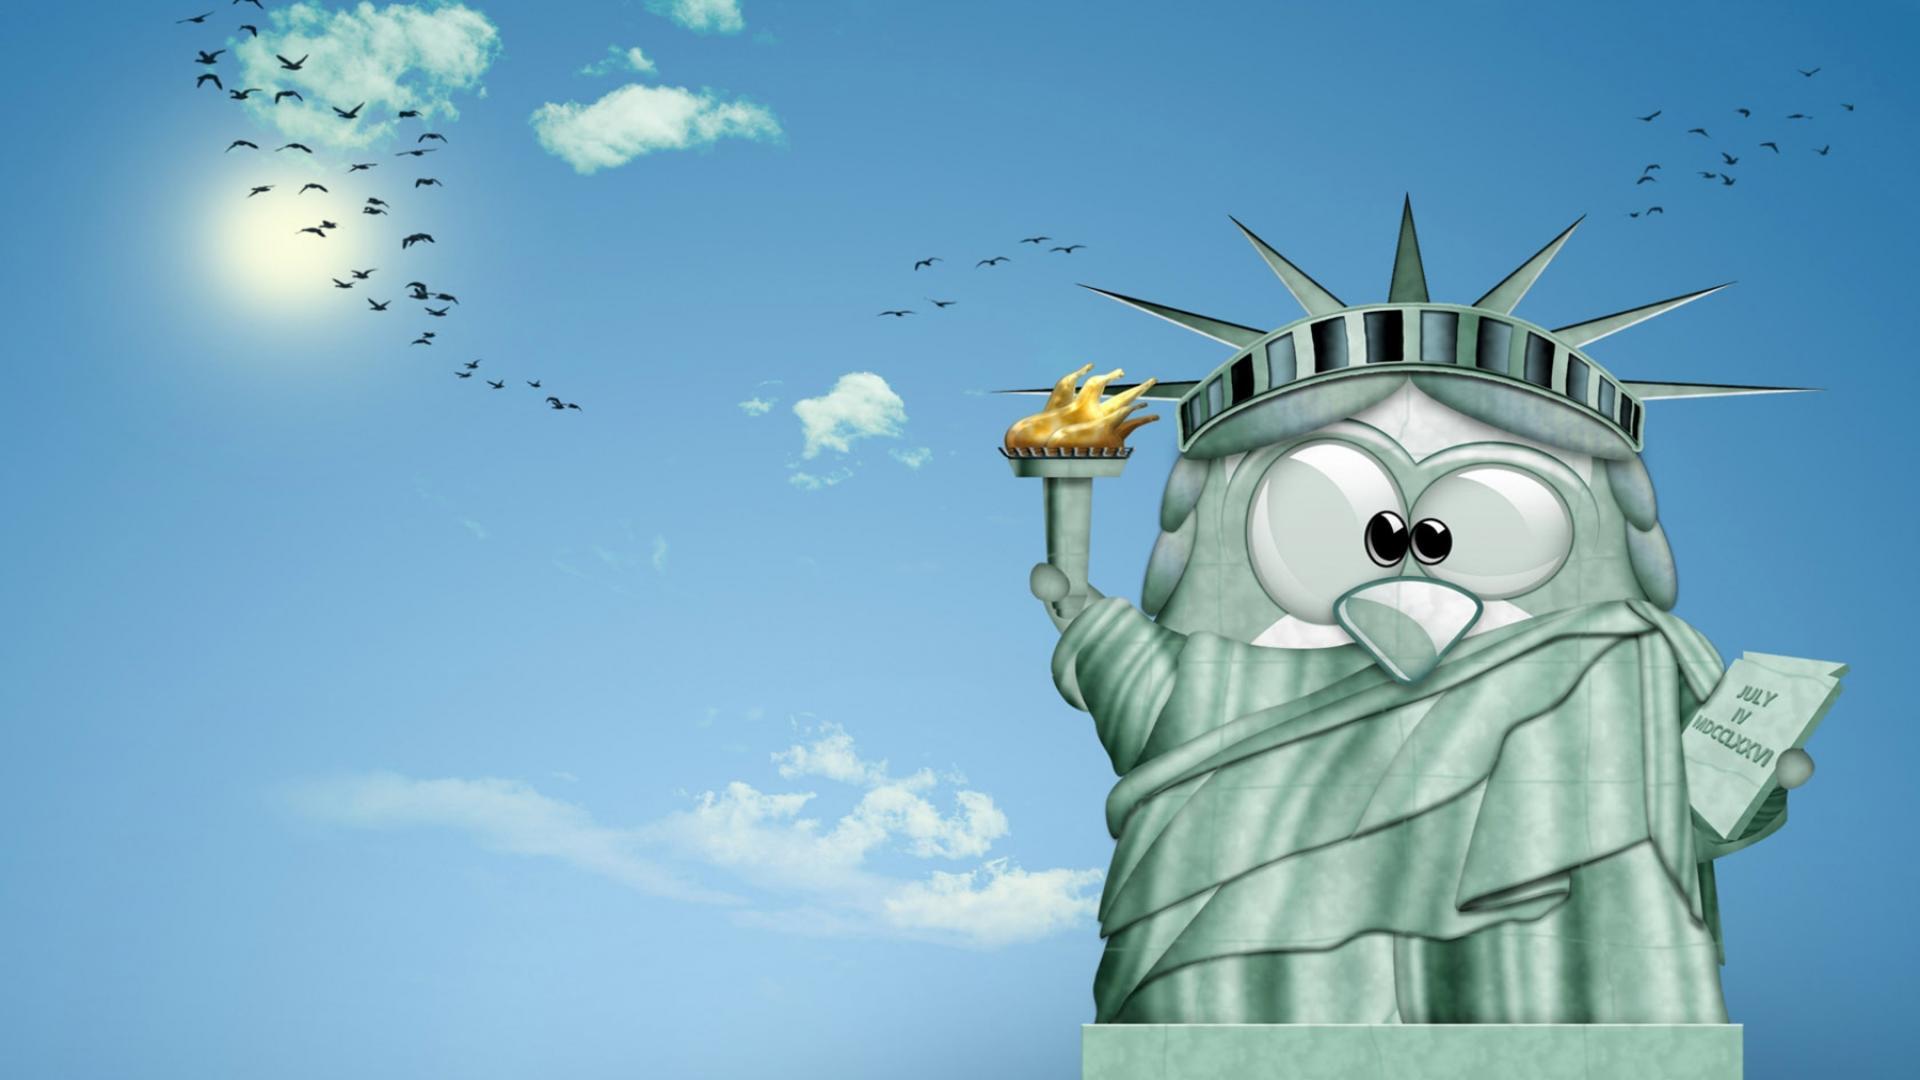 Amazing 3d Wallpapers Download Free Download Funny 3d Cartoon Wallpapers Pixelstalk Net